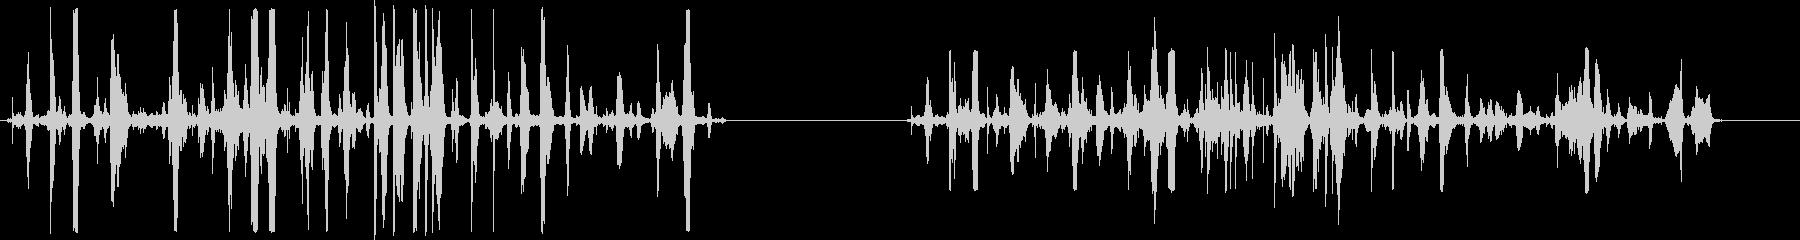 戦闘シーン、2つのバージョン、処理...の未再生の波形